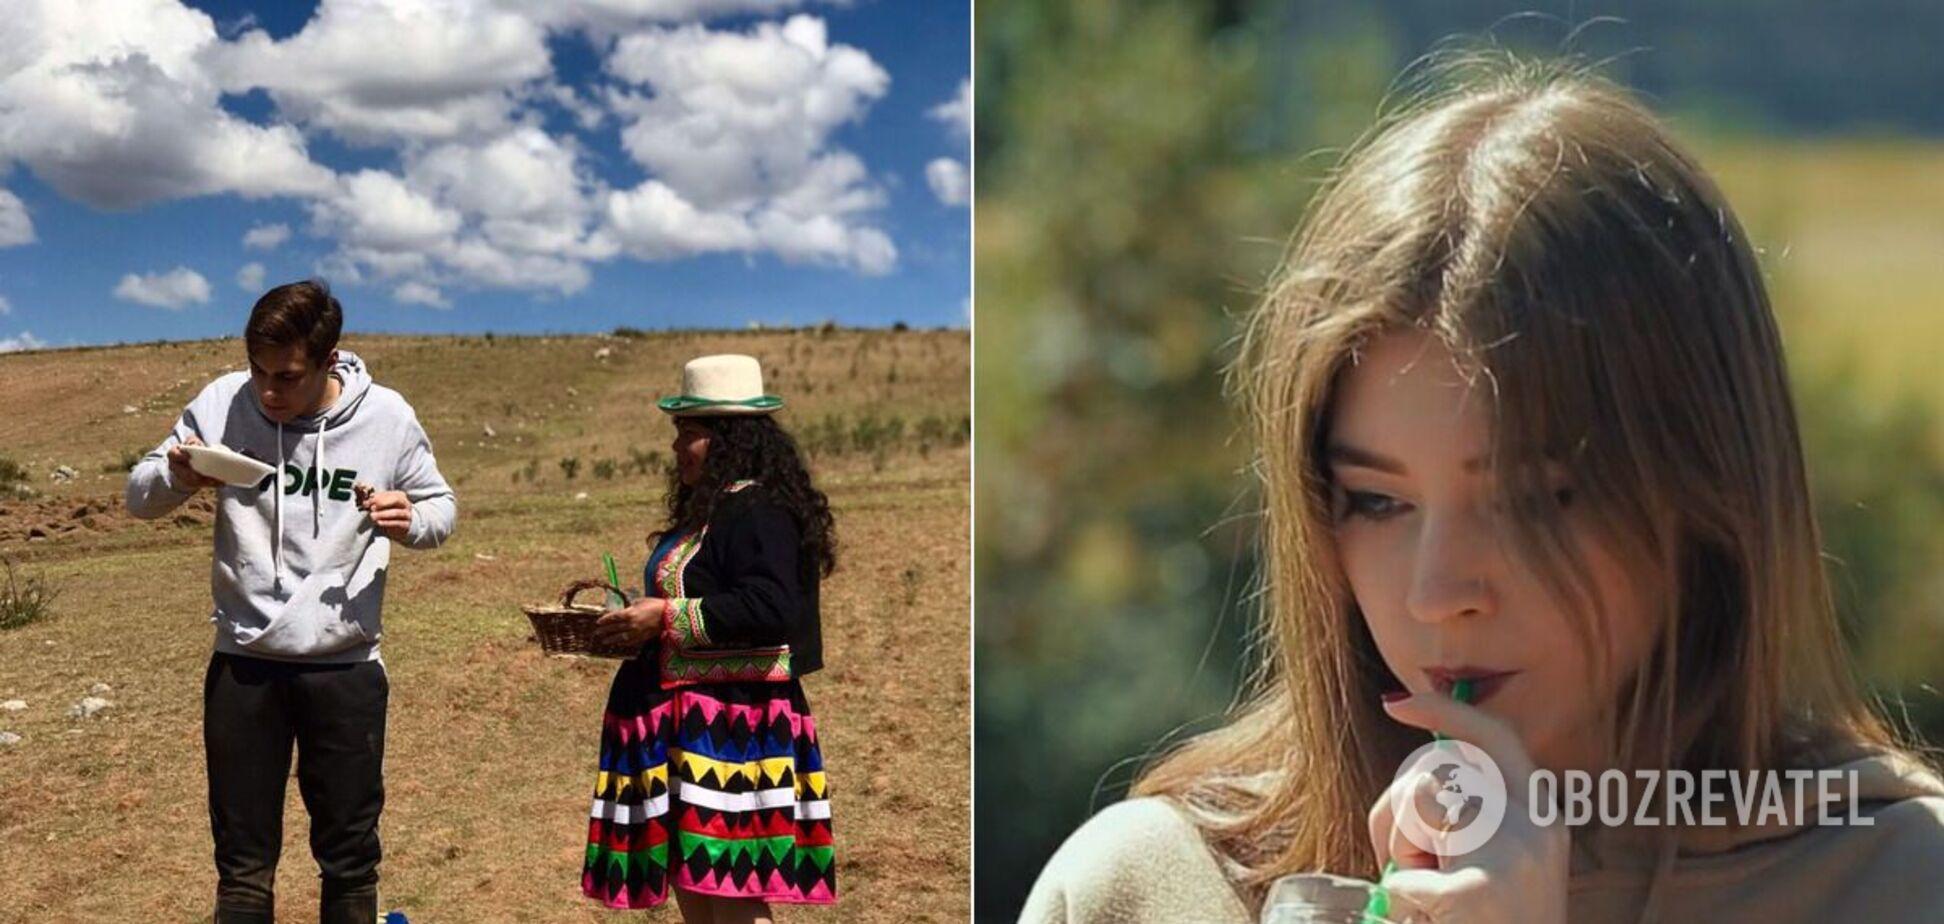 Украинцы рассказали о необычных деликатесах в Перу